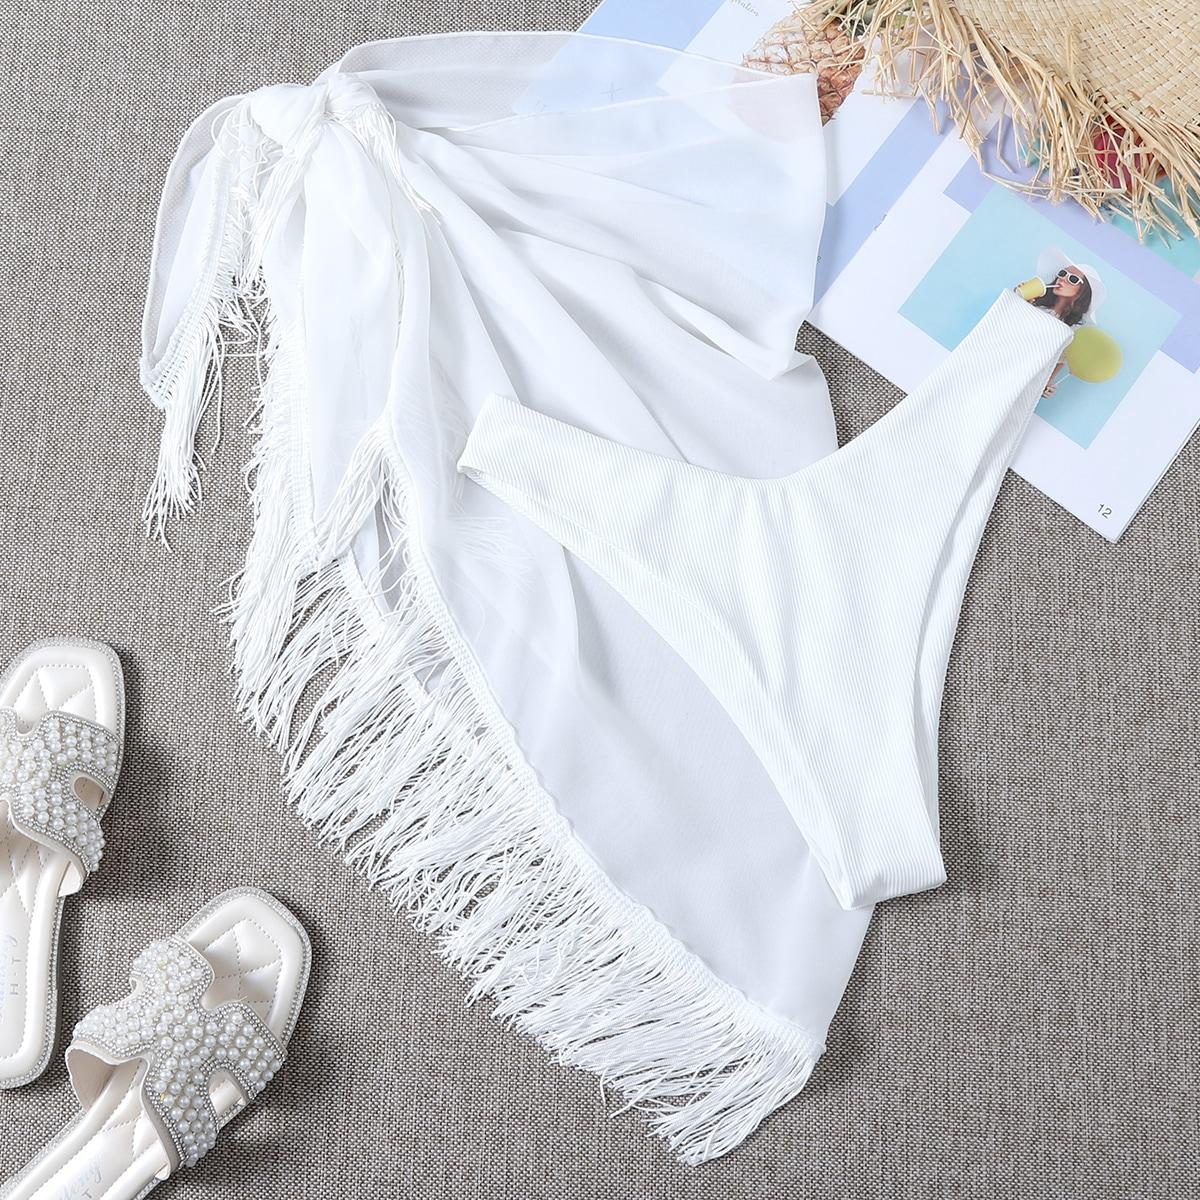 2 пакета бикини с высоким вырезом в рубчик и пляжная юбка с бахромой